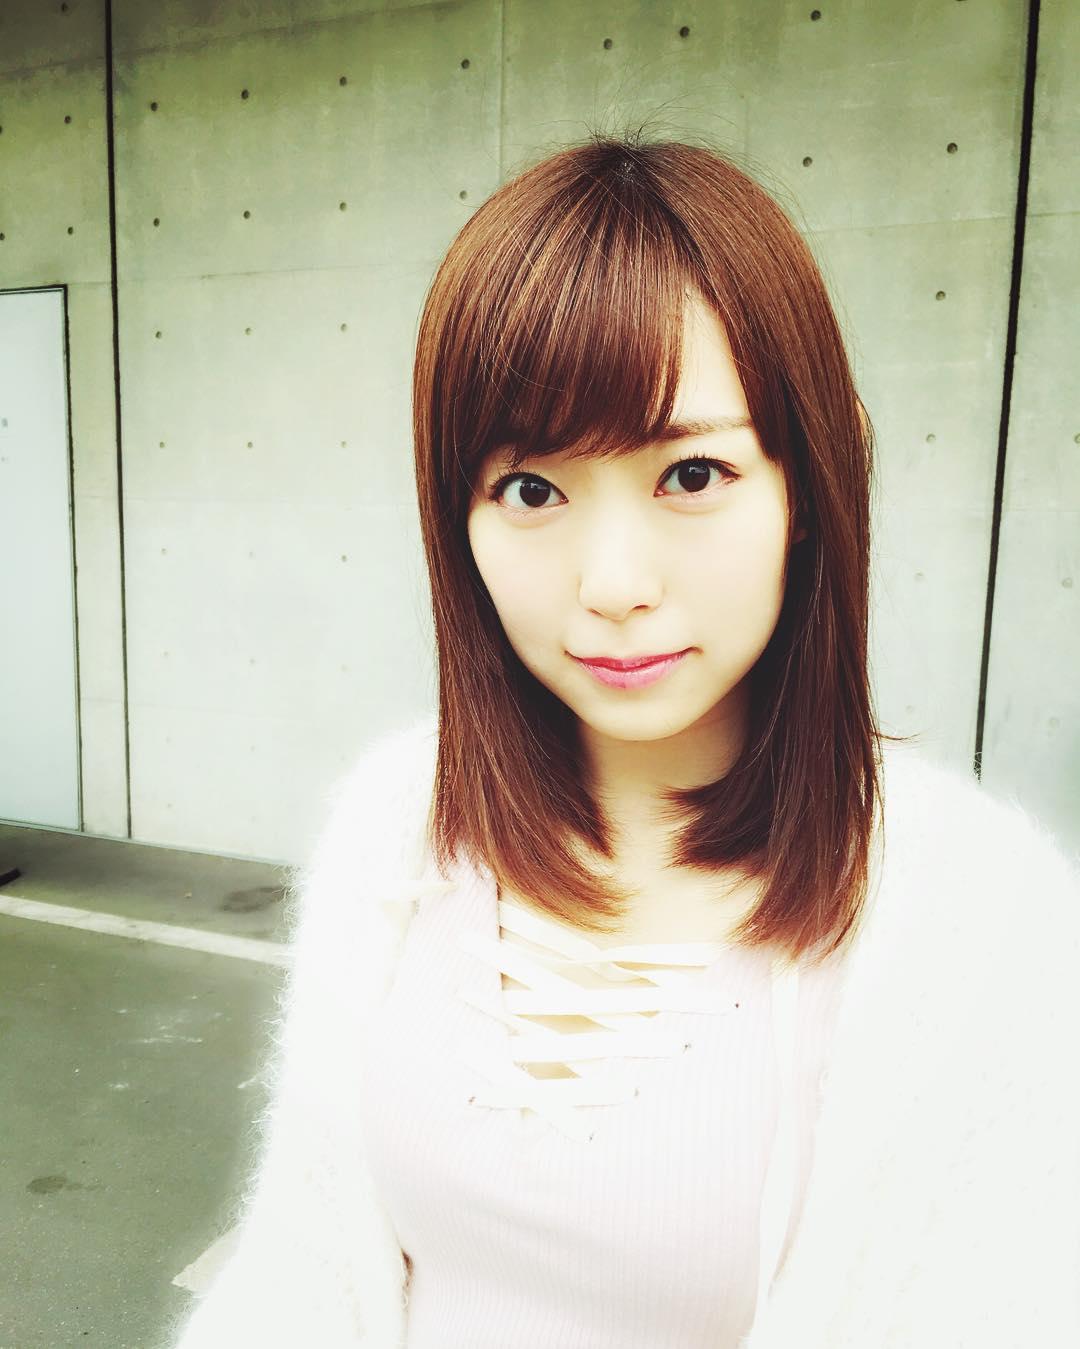 Watanabe Miyuki Instagram 2016 - AKB48 Photo (39513127) - Fanpop